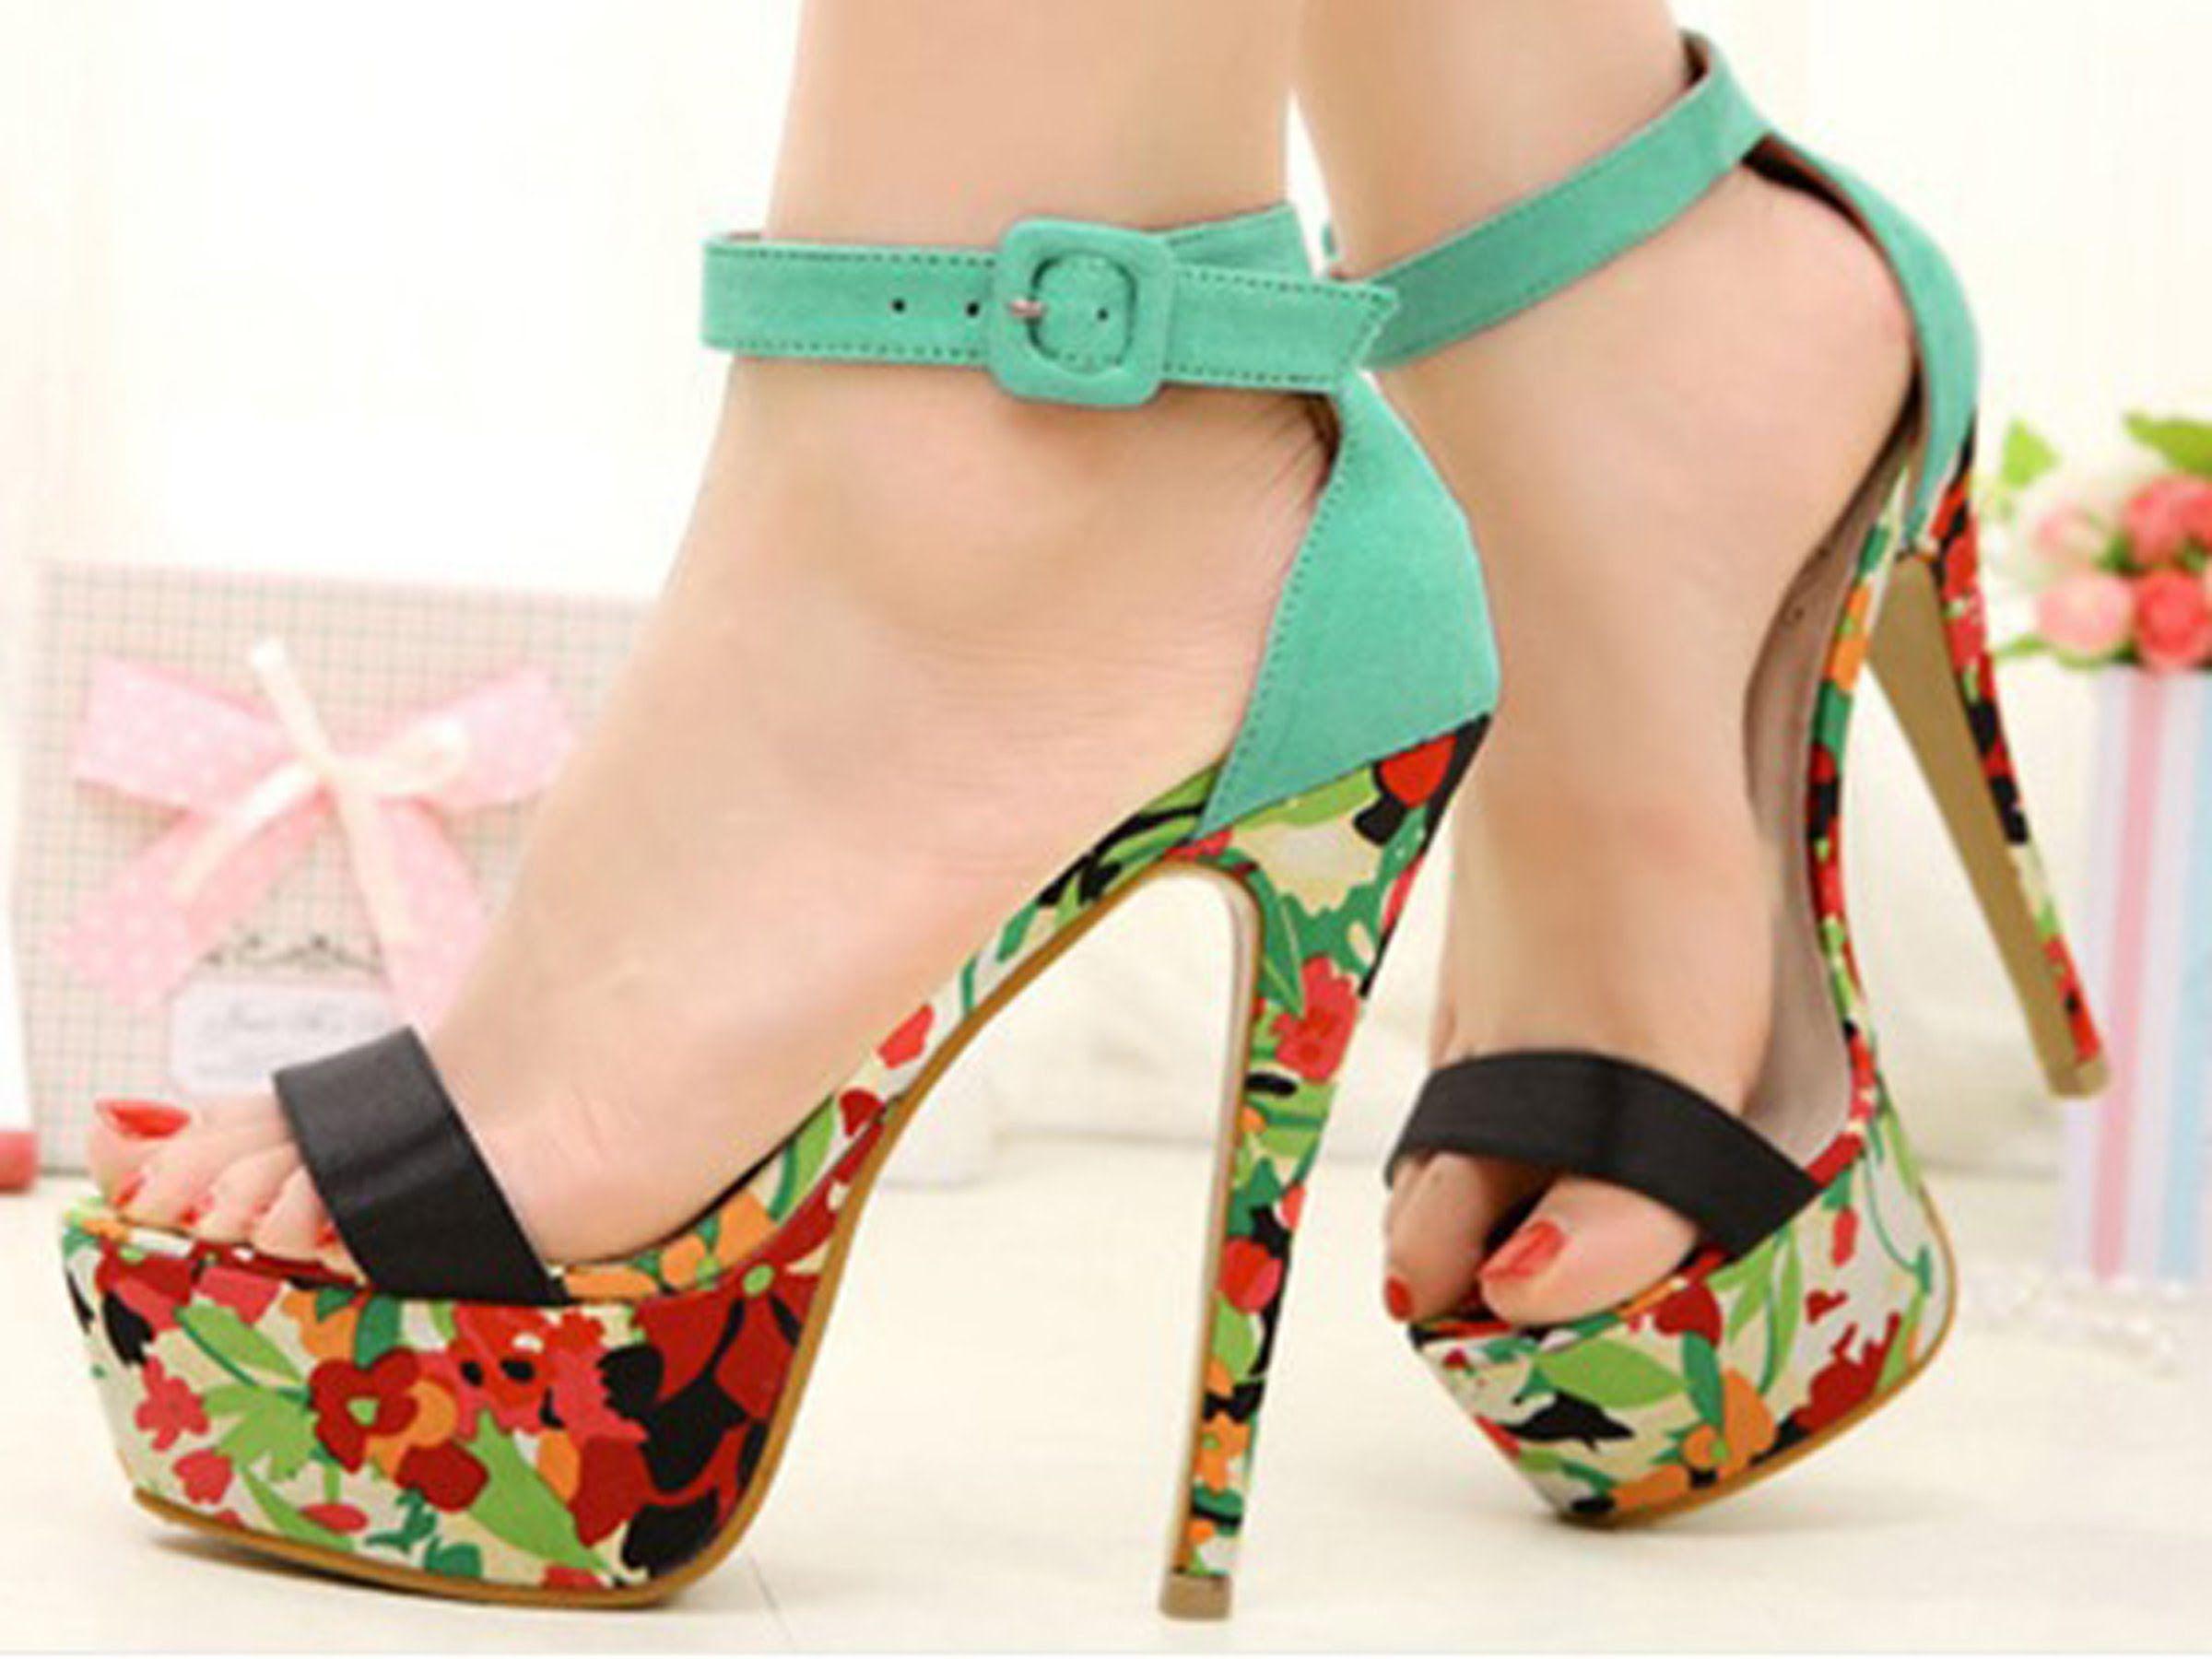 high heel women new Asian fashion shoes 2015 01 - YouTube | High ...